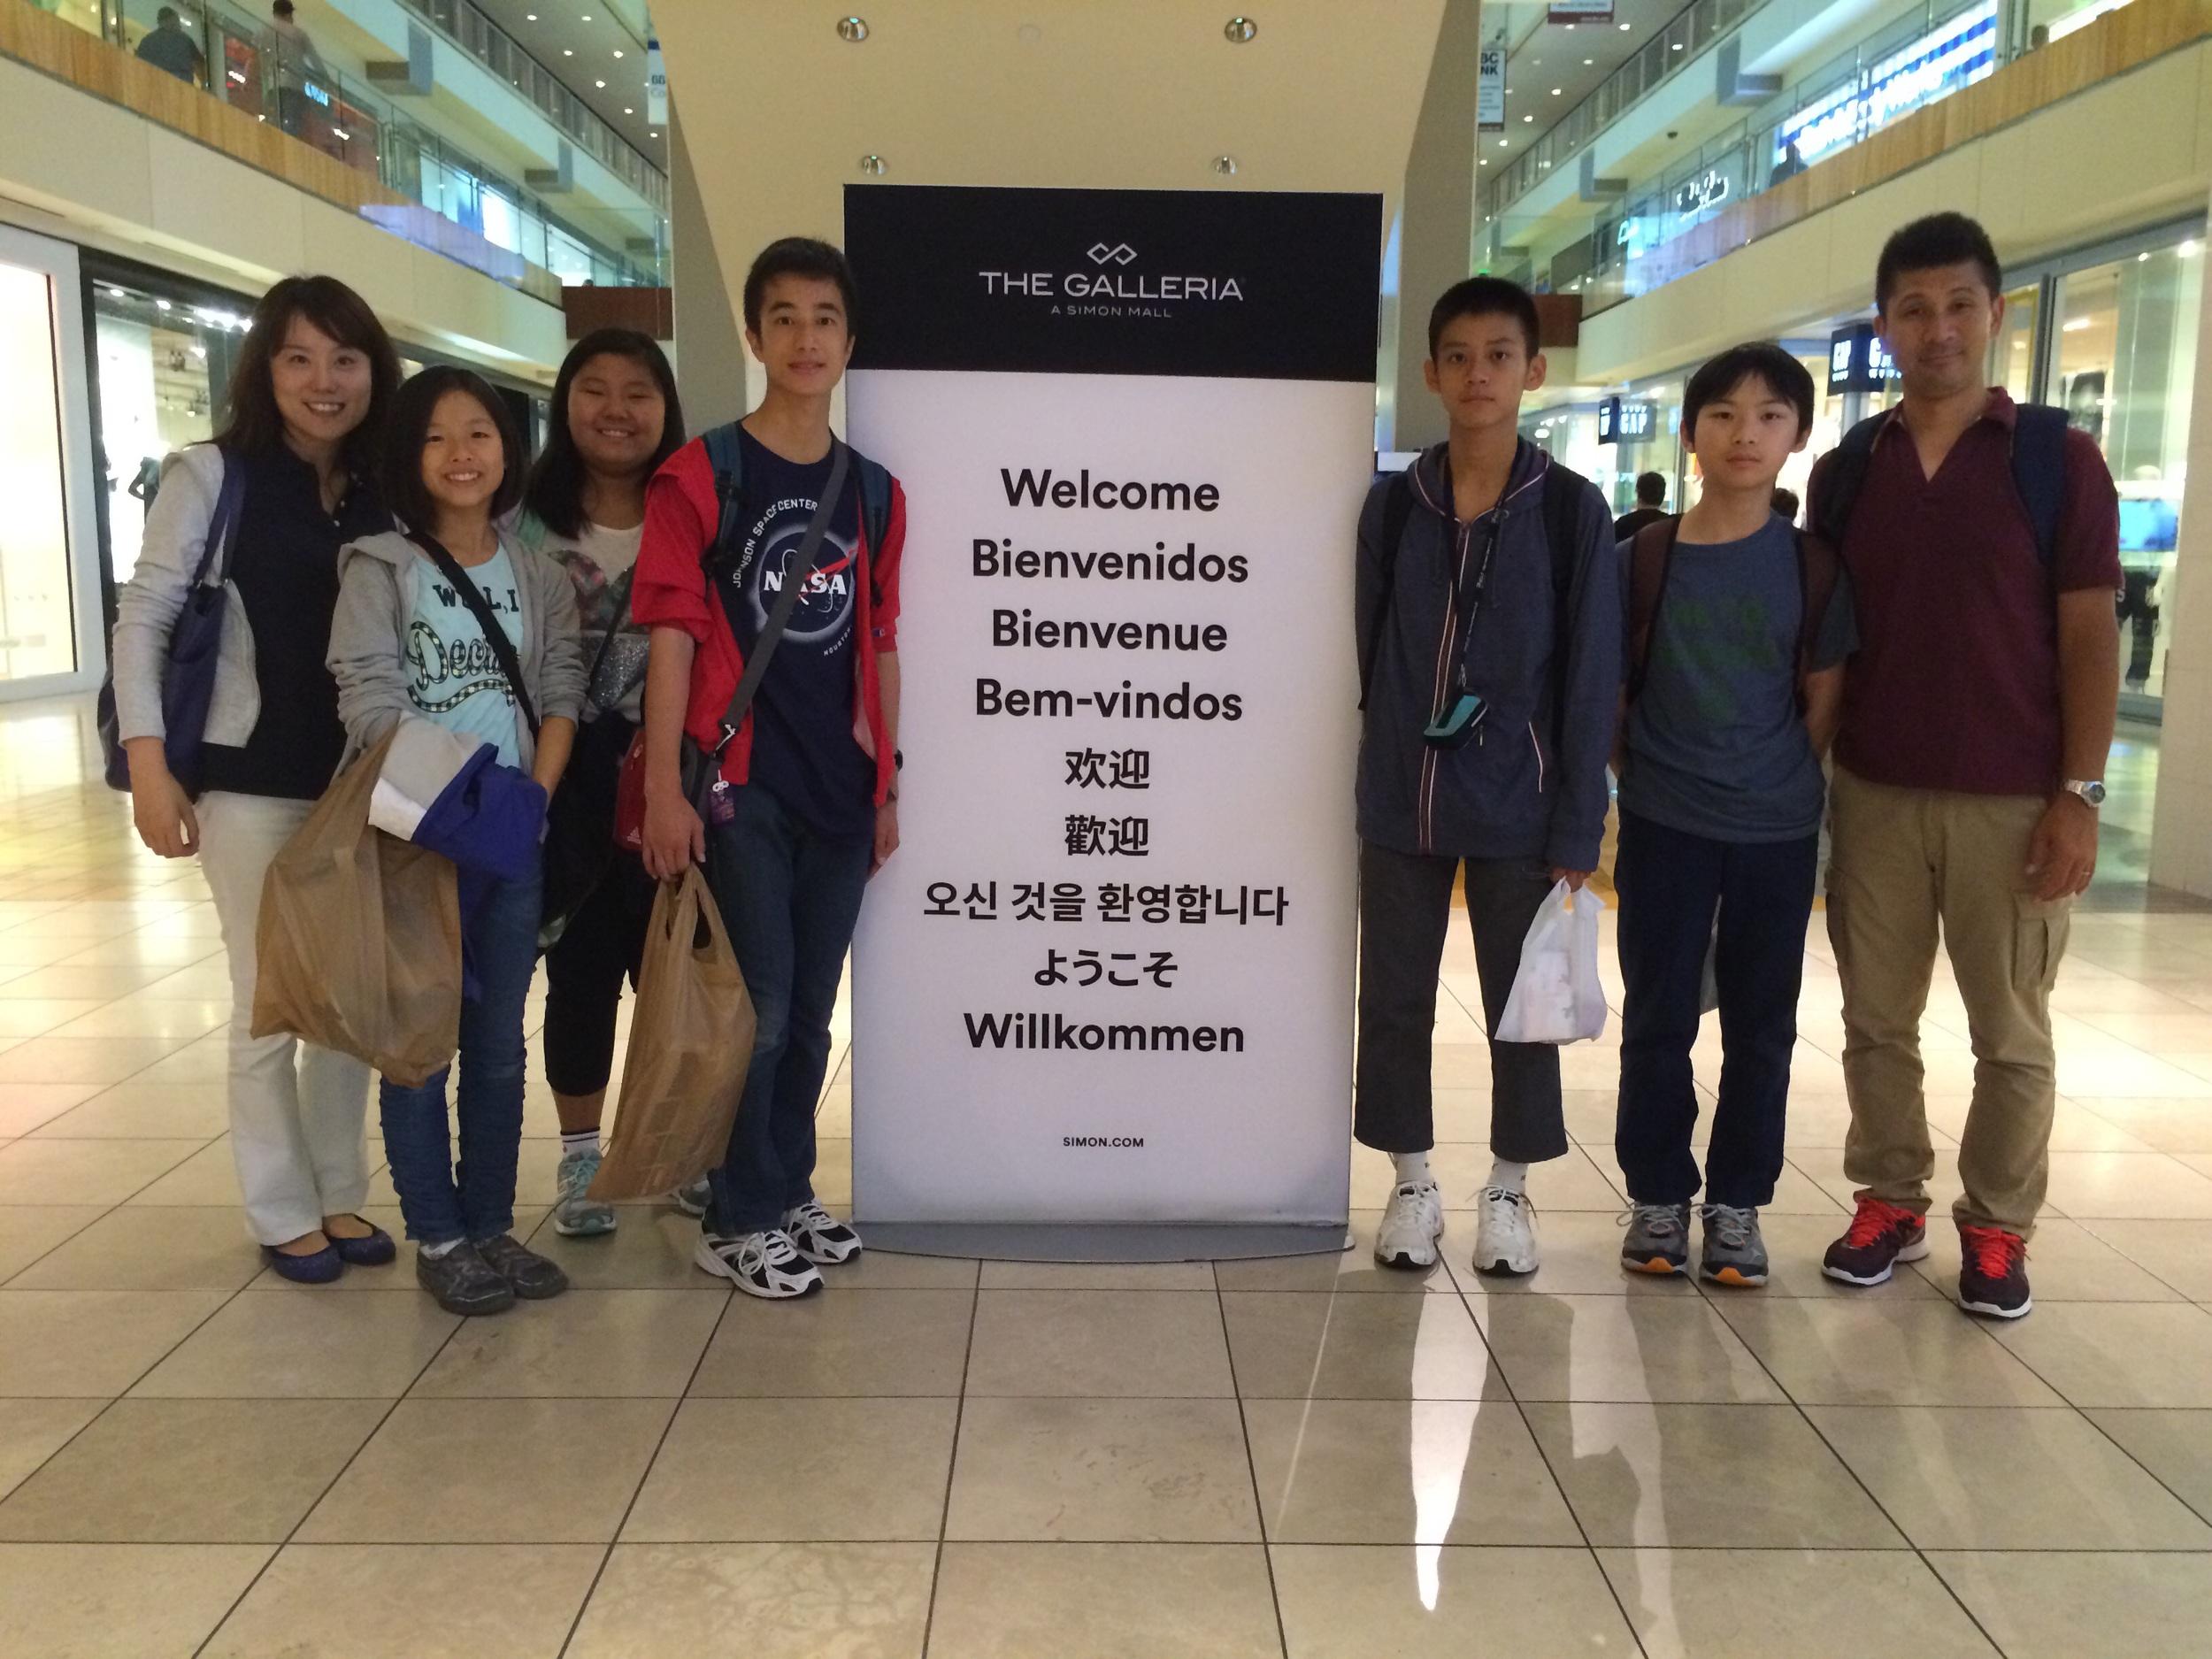 Group_Galleria.jpg